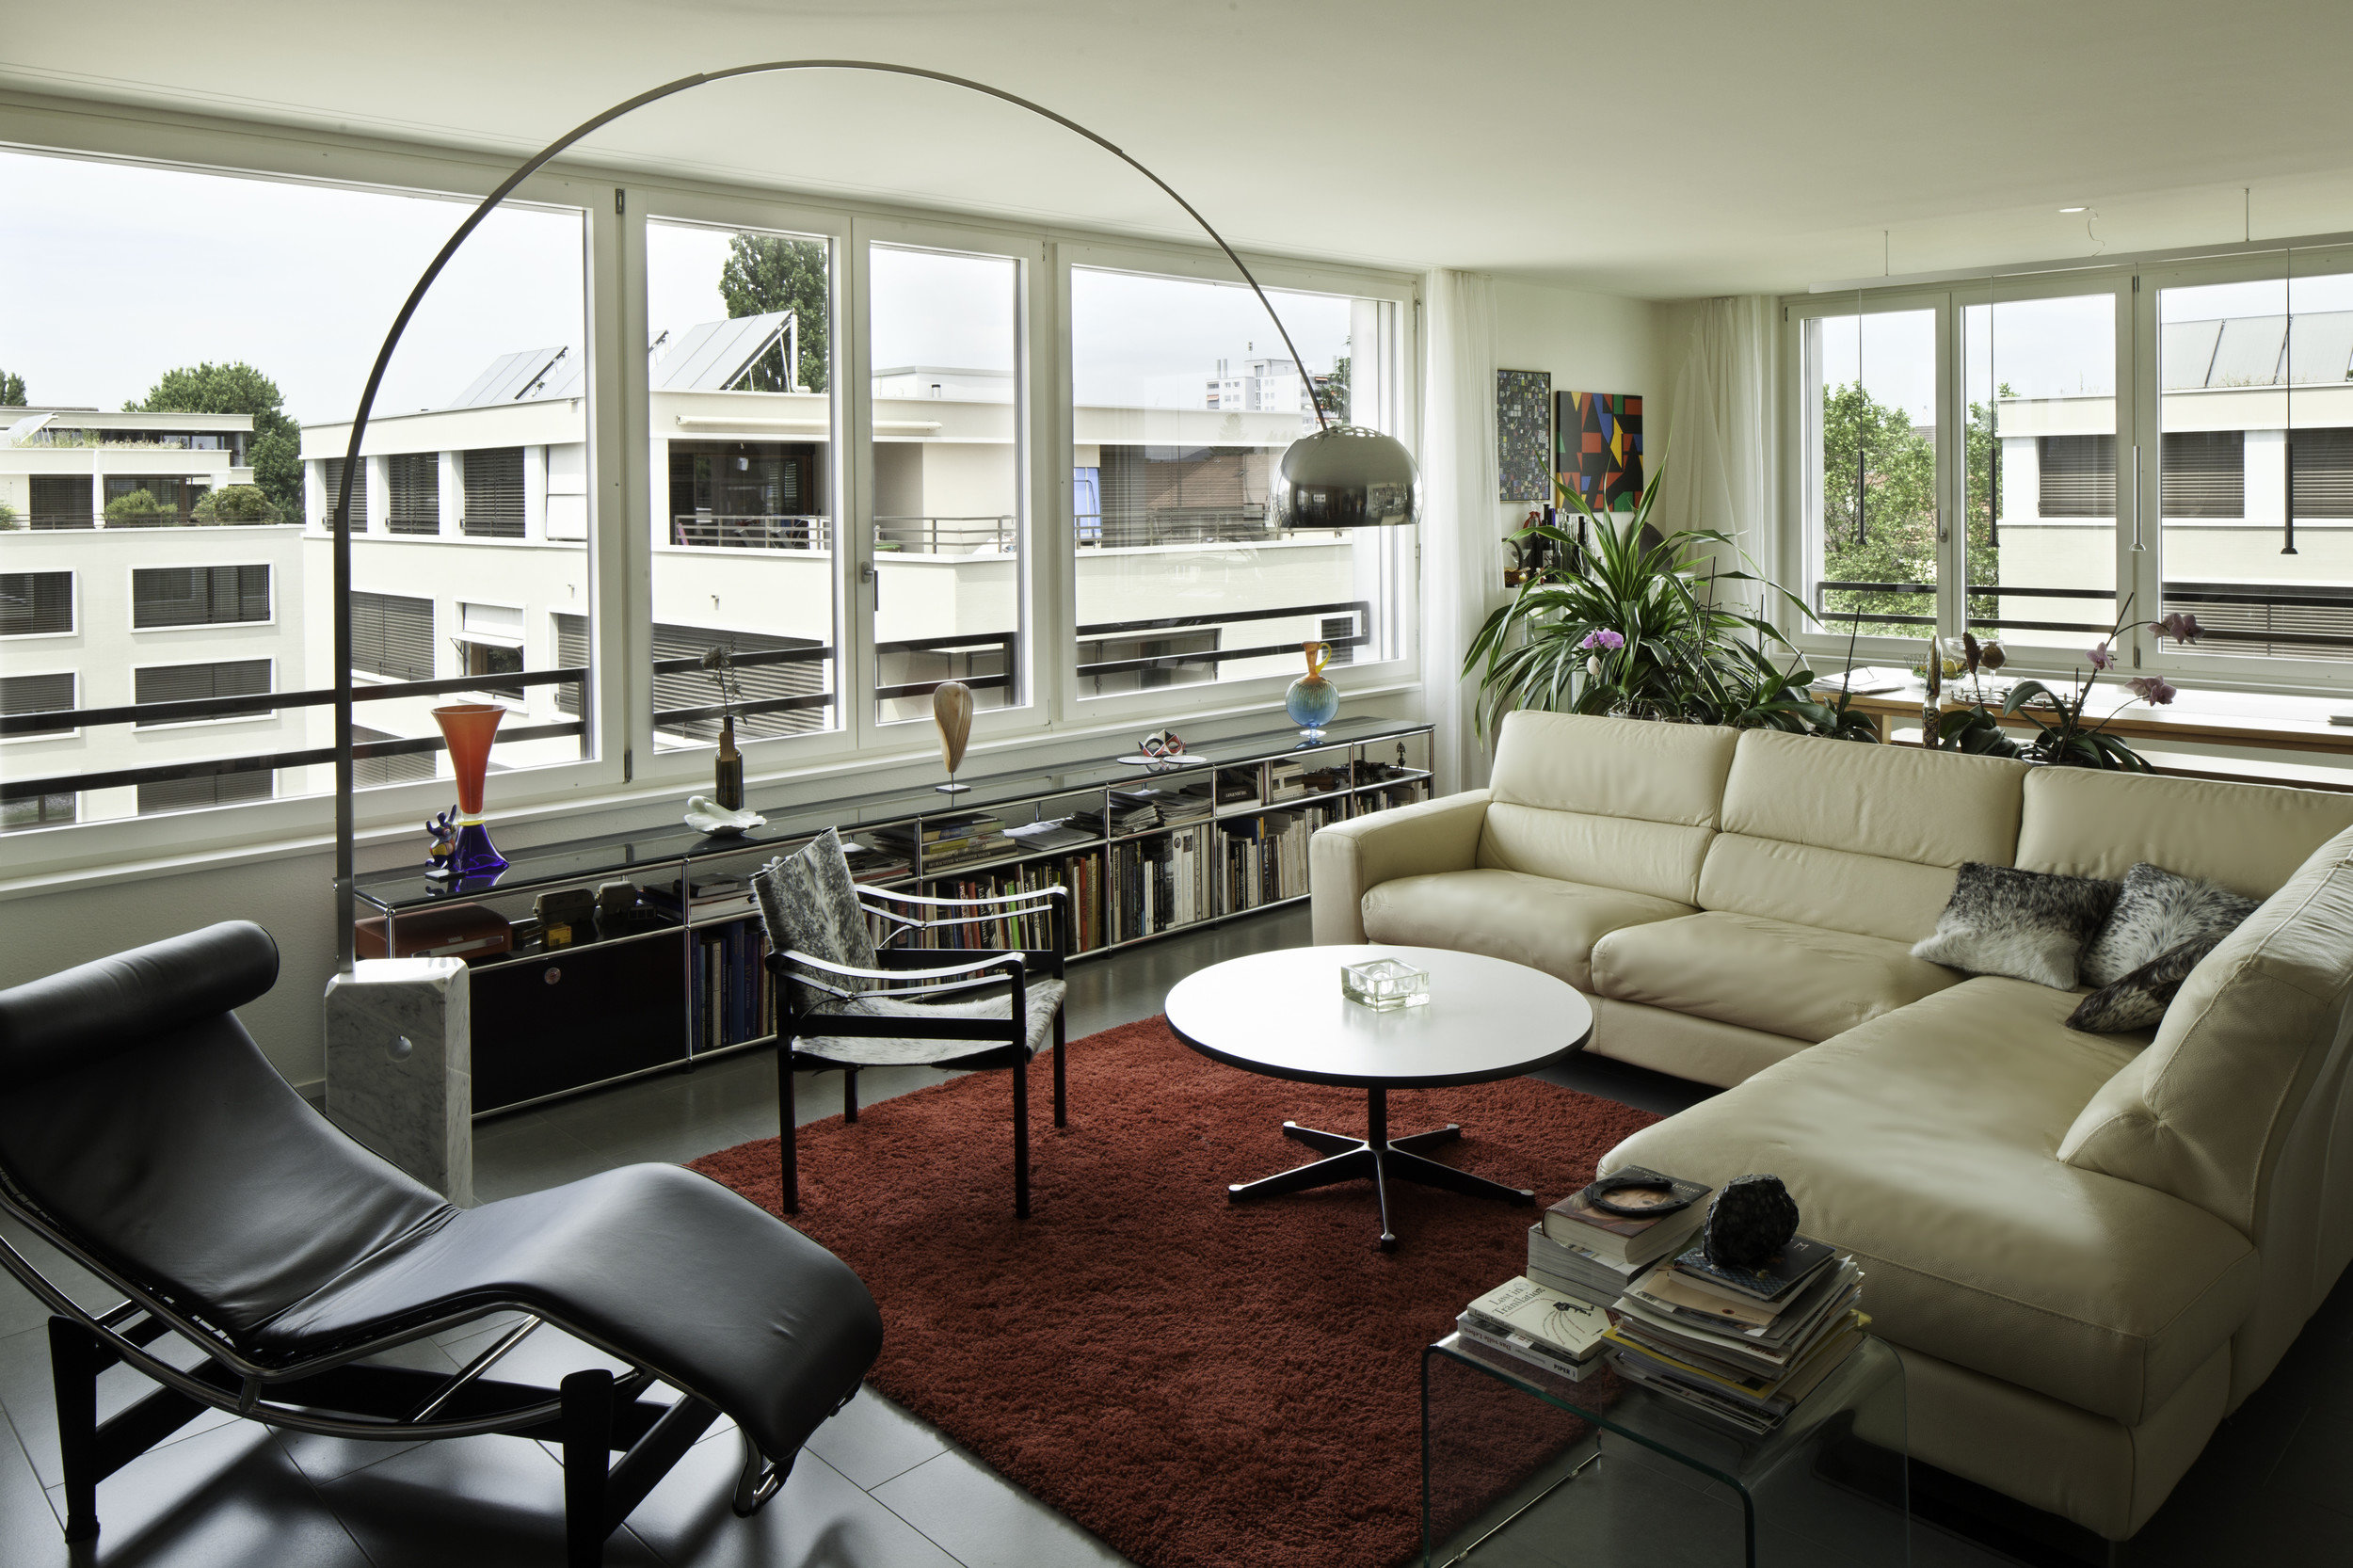 Wohnzimmer modern möbiliert mit grossen wandersetzenden Holz(-Metall)fenstern